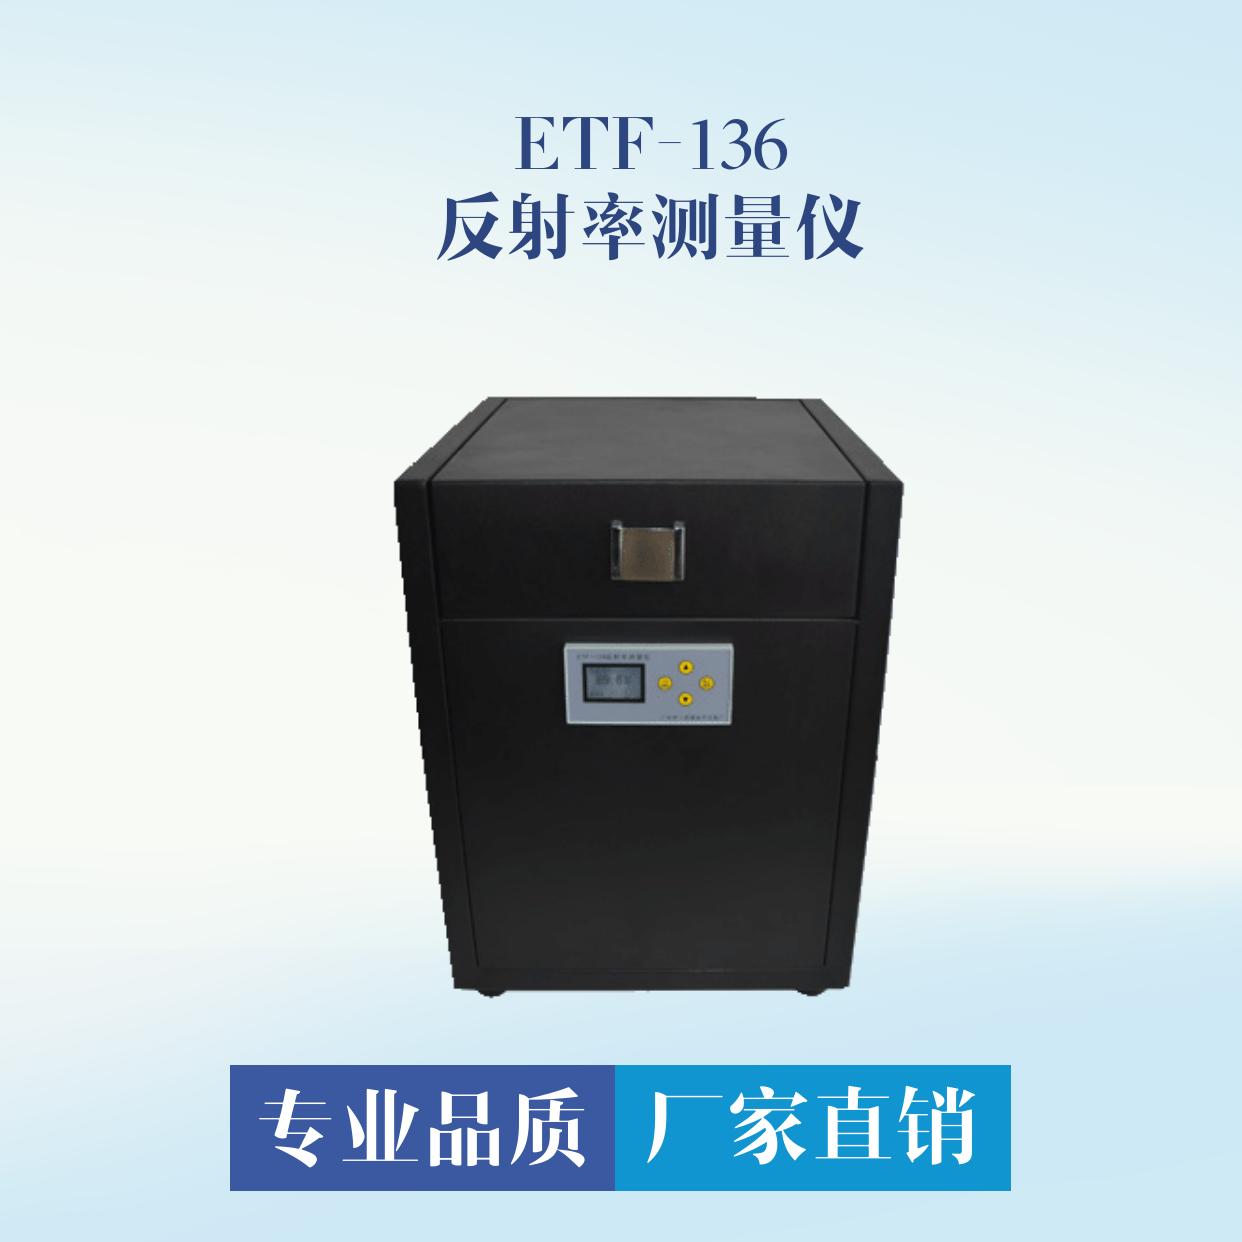 ETF-136反射率测量仪